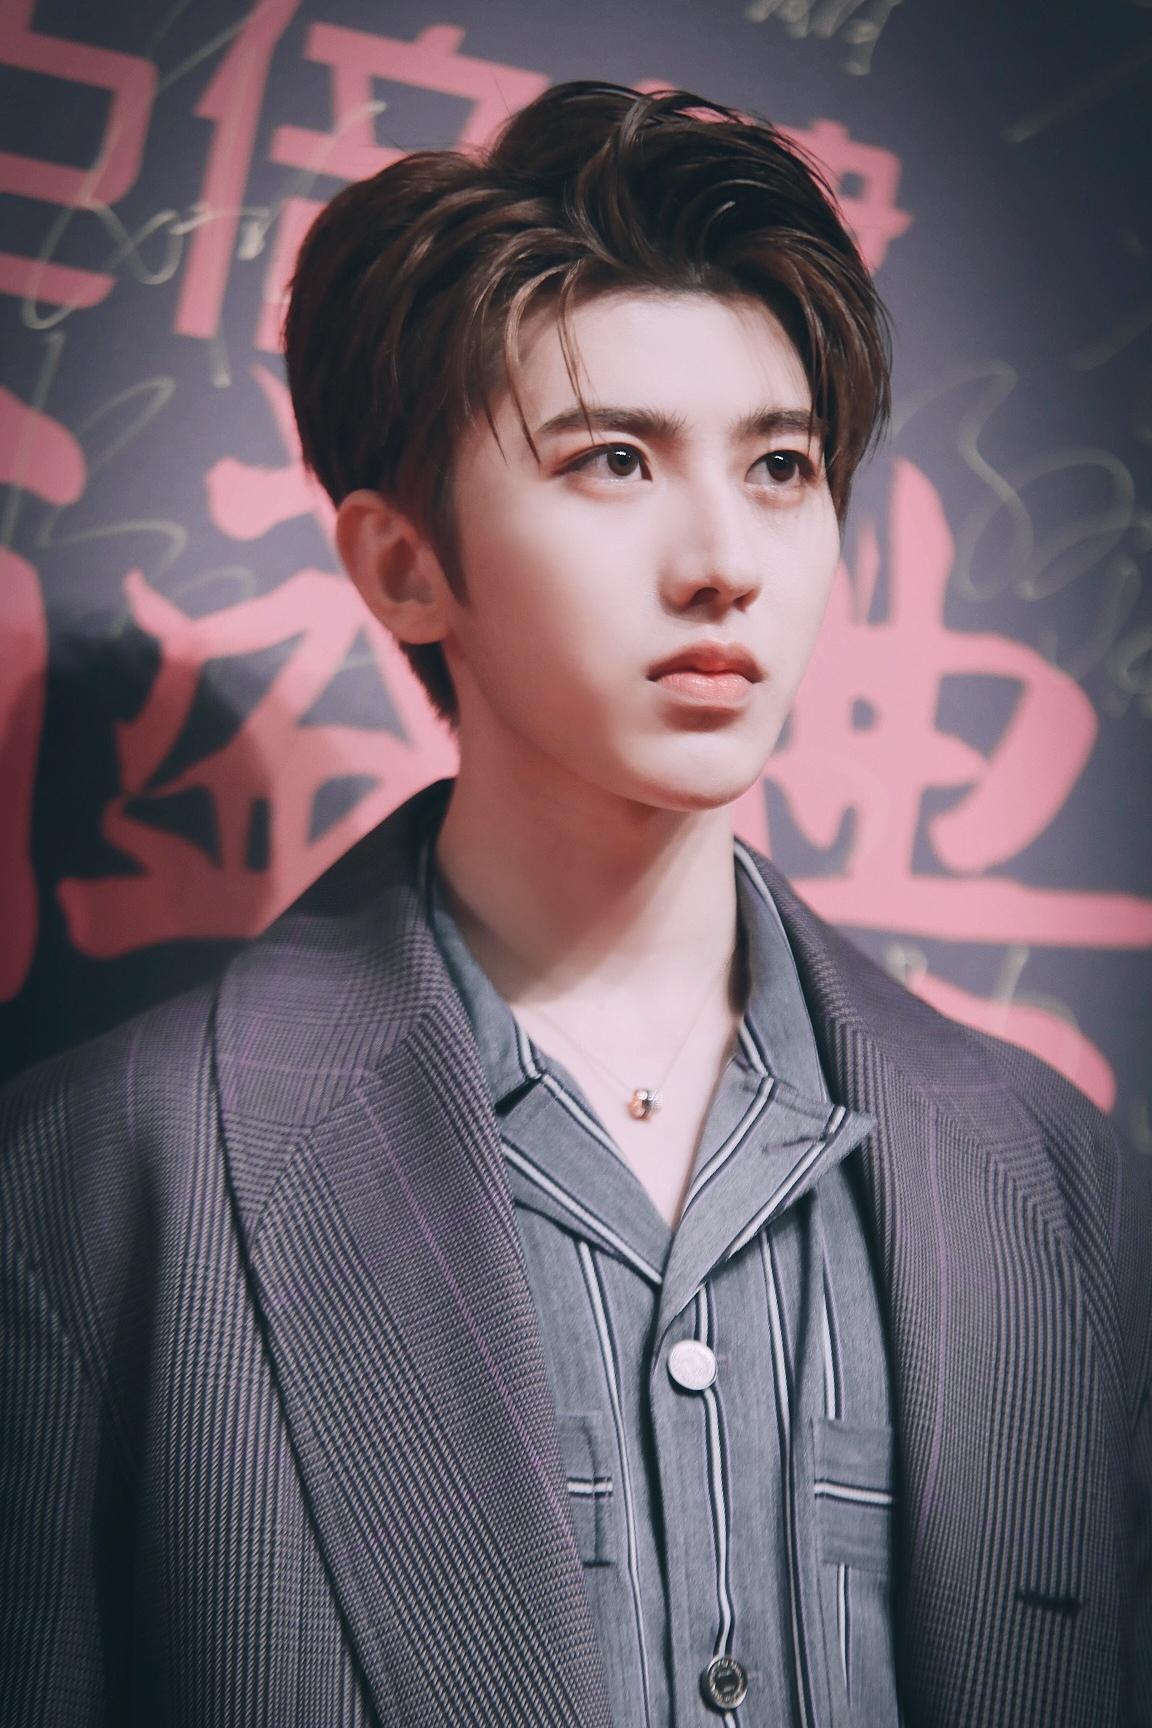 Cai Xukun - Wikipedia